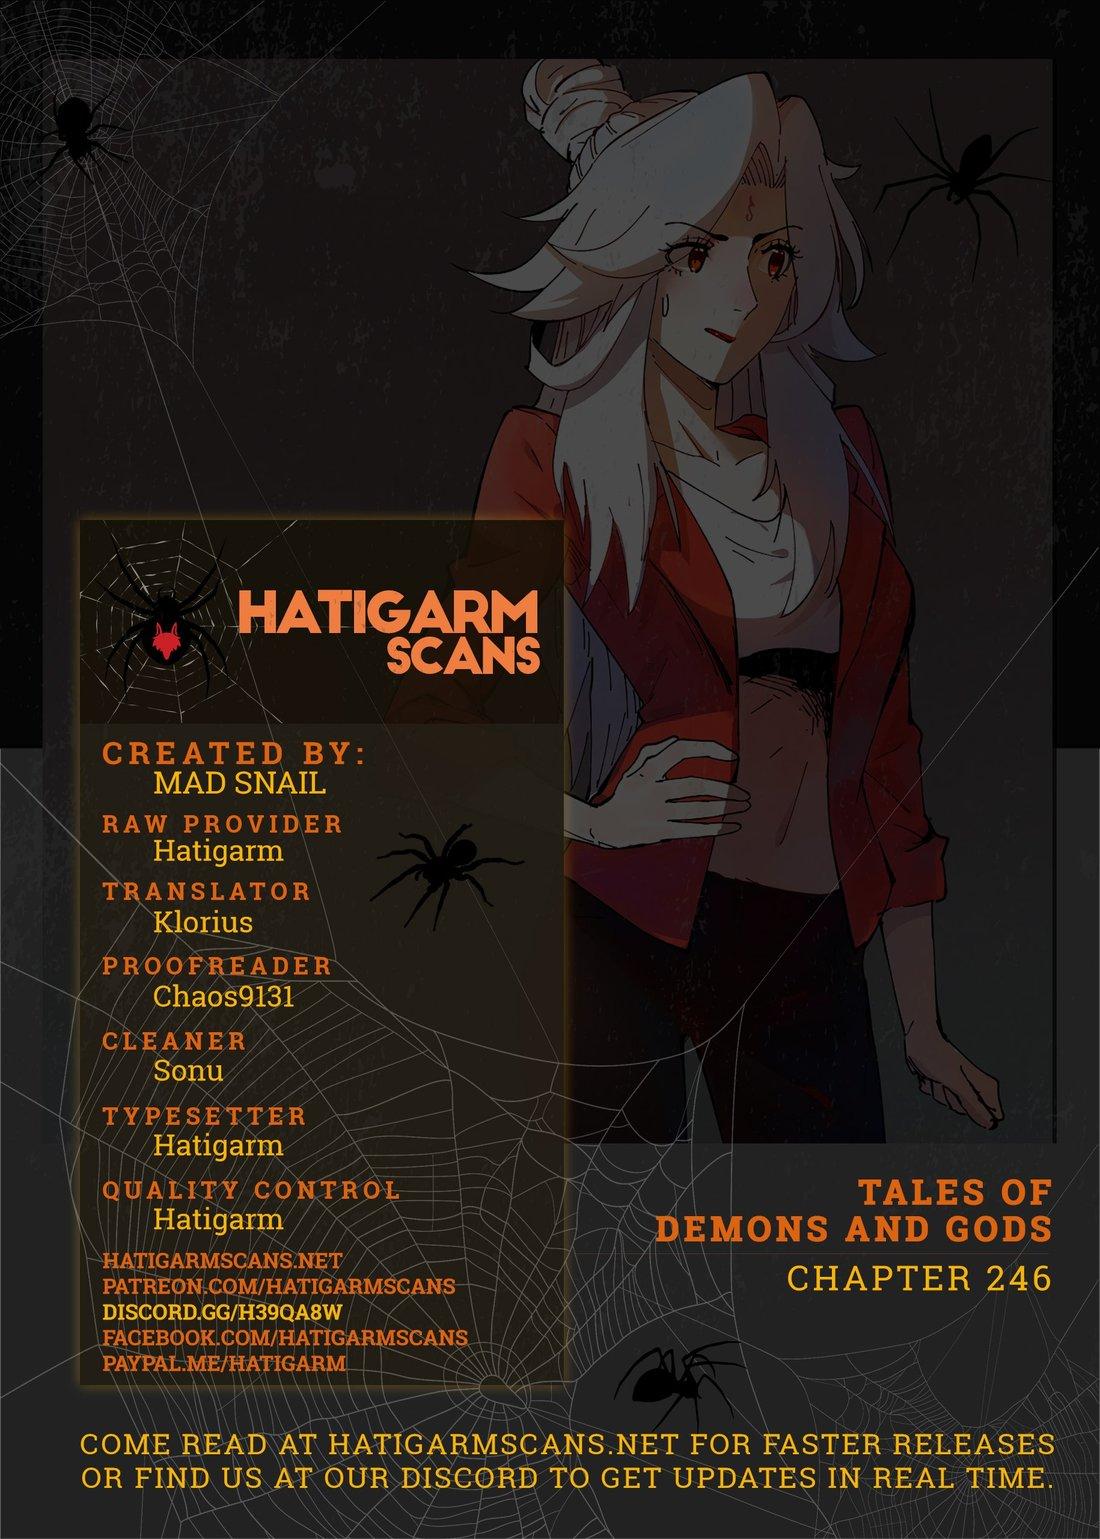 https://manga.mangadogs.com/comics/pic2/34/98/910128/f72b5935d3c9a1dbc4dc2cb5bd078cd8.jpg Page 1